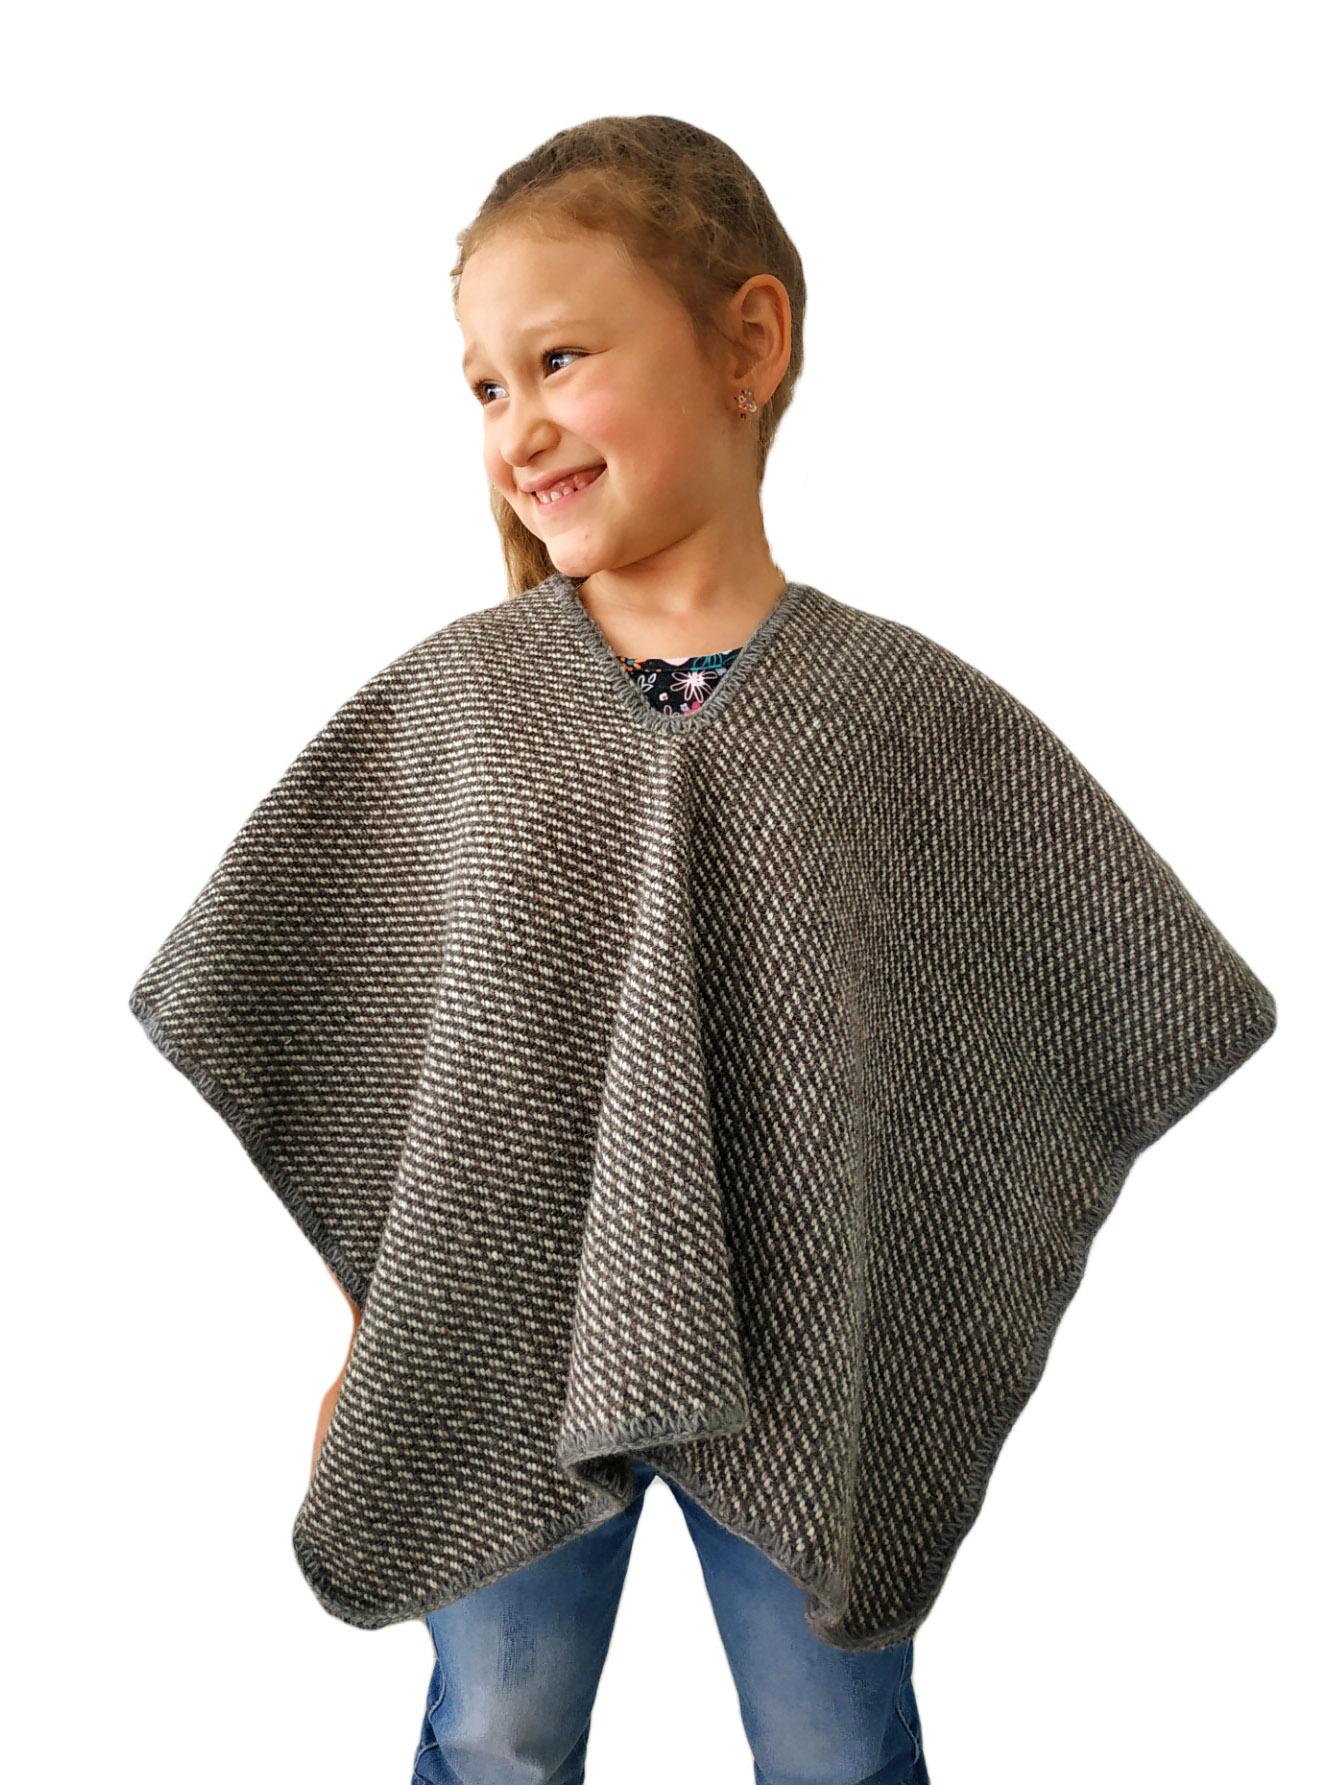 Ruana tradicional de lana gris para niños